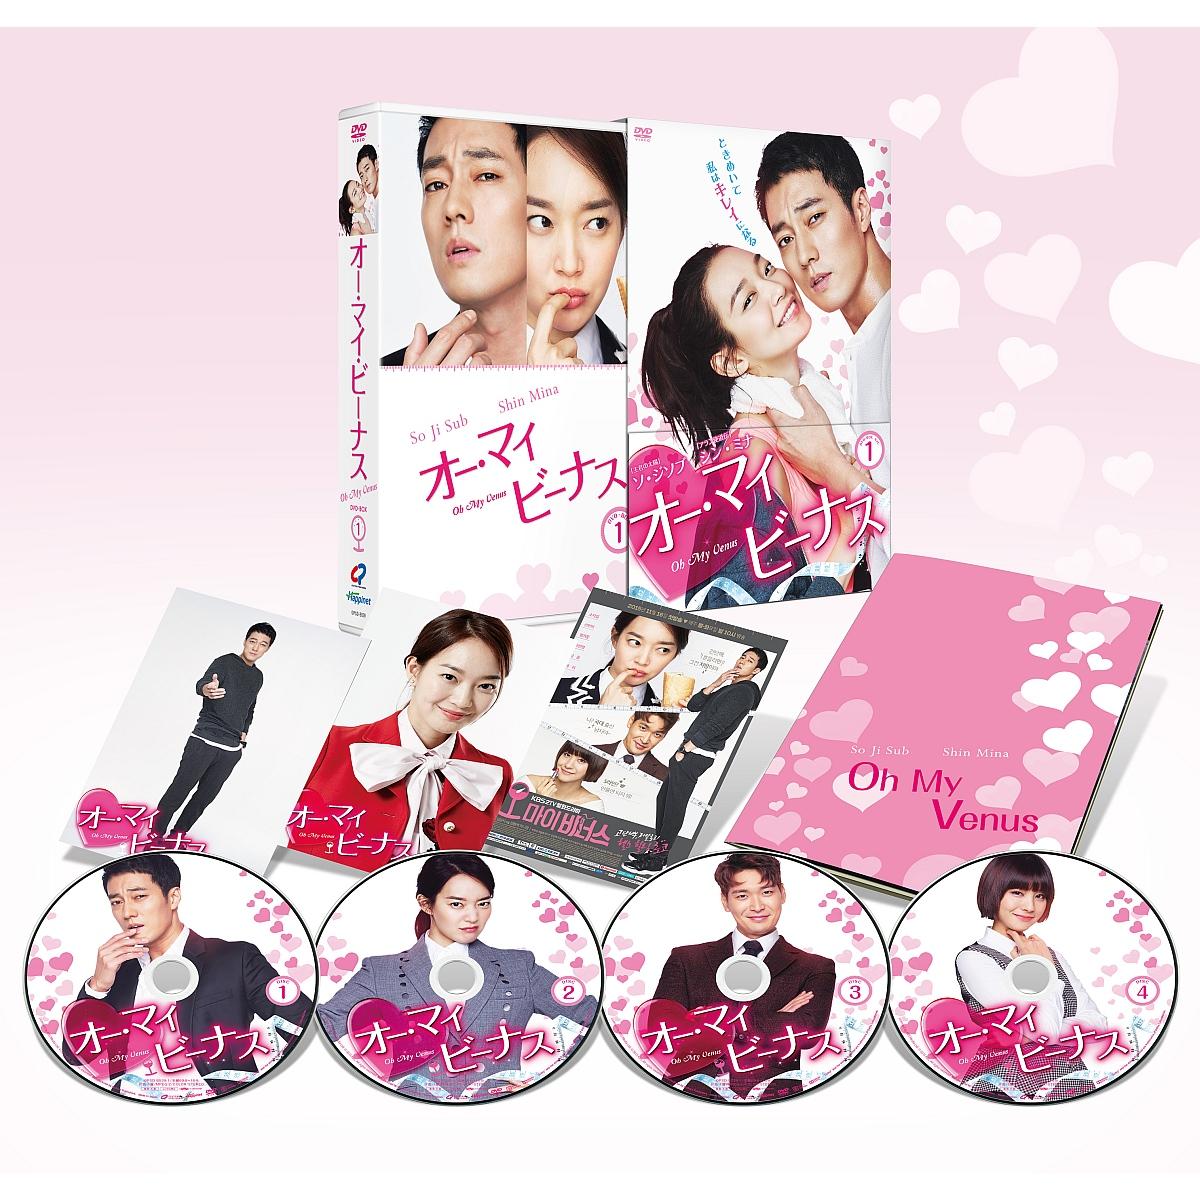 韓国ドラマ/ オー・マイ・ビーナス (DVD-BOX 1) 日本盤 Oh My Venus オー・マイ・ヴィーナス